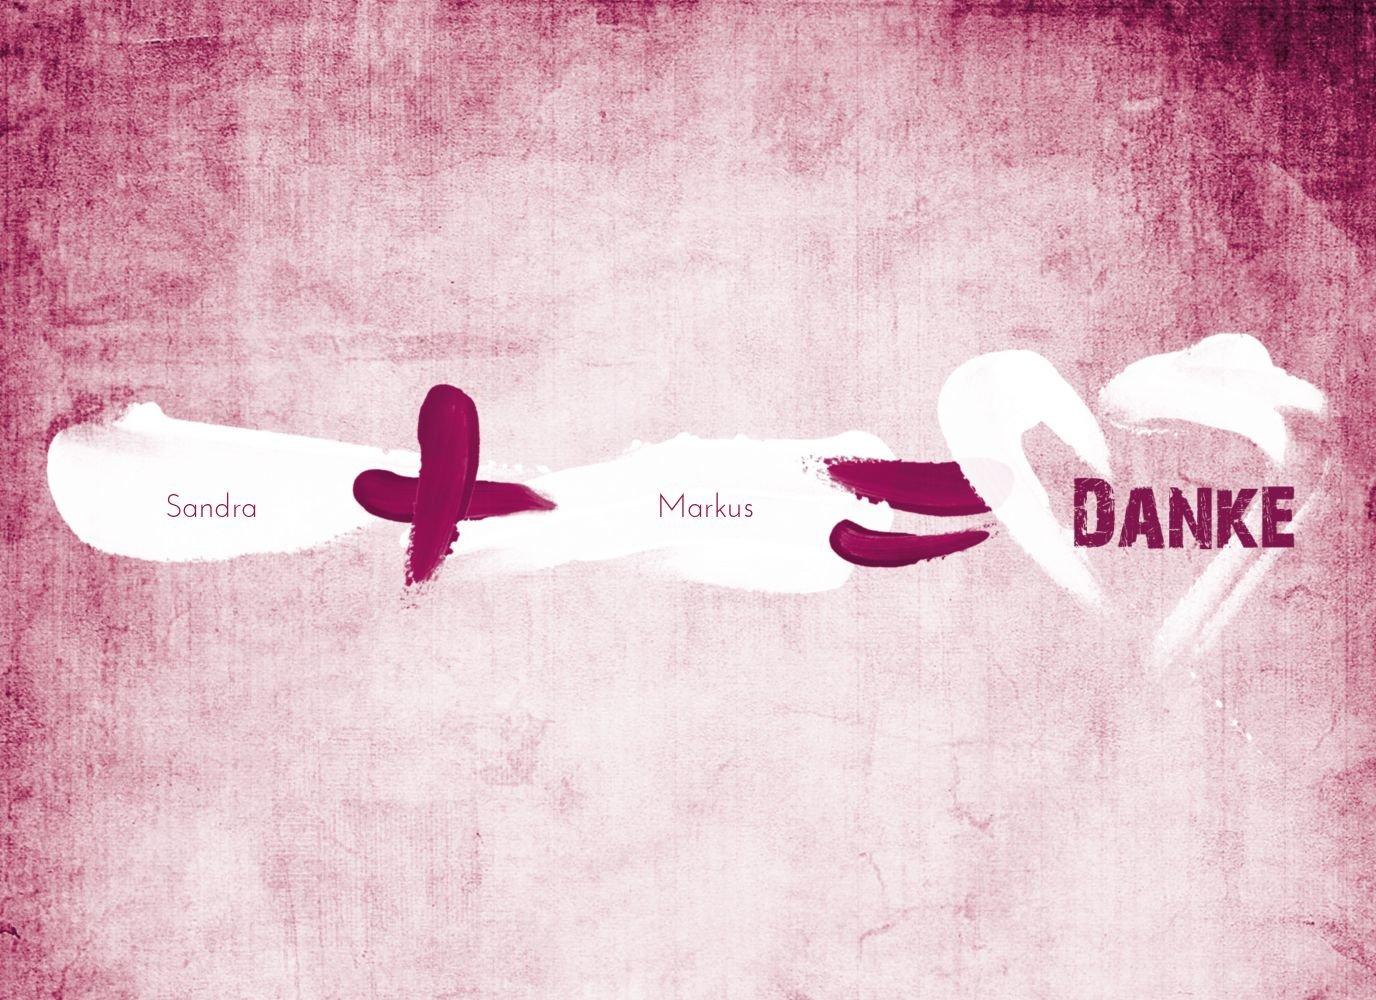 Kartenparadies Danksagung für für für Hochzeitsgeschenke Hochzeit Dankeskarte Du  Ich  Liebe, hochwertige Danksagungskarte Hochzeitsglückwünsche inklusive Umschläge   20 Karten - (Format  148x105 mm) Farbe  Grau B01N24QK7Q   Qualität Produkte 94dbca